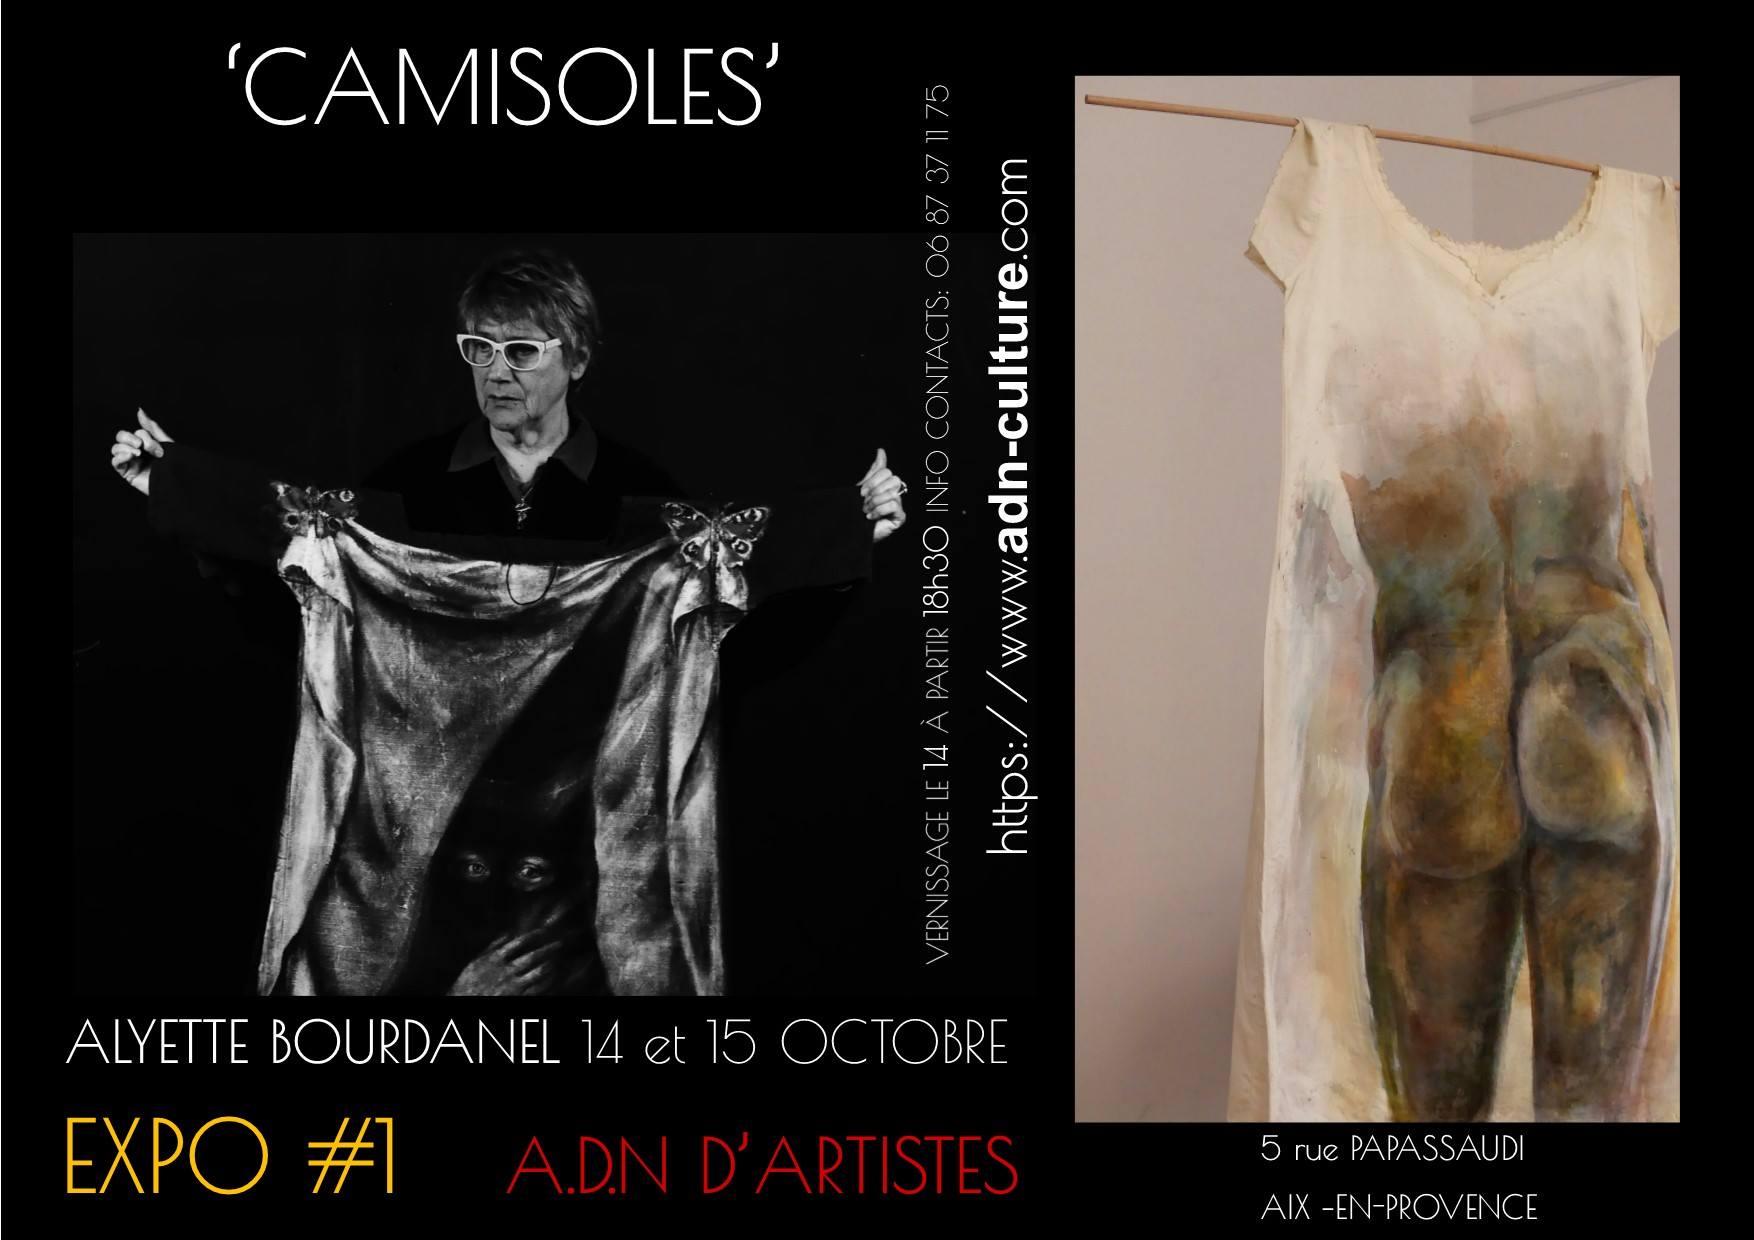 Aliette-Bourdanel-Alyette-Bourdanel-Artiste-peintre-et-plasticienne-exposition-Camisoles-à-la-galeri